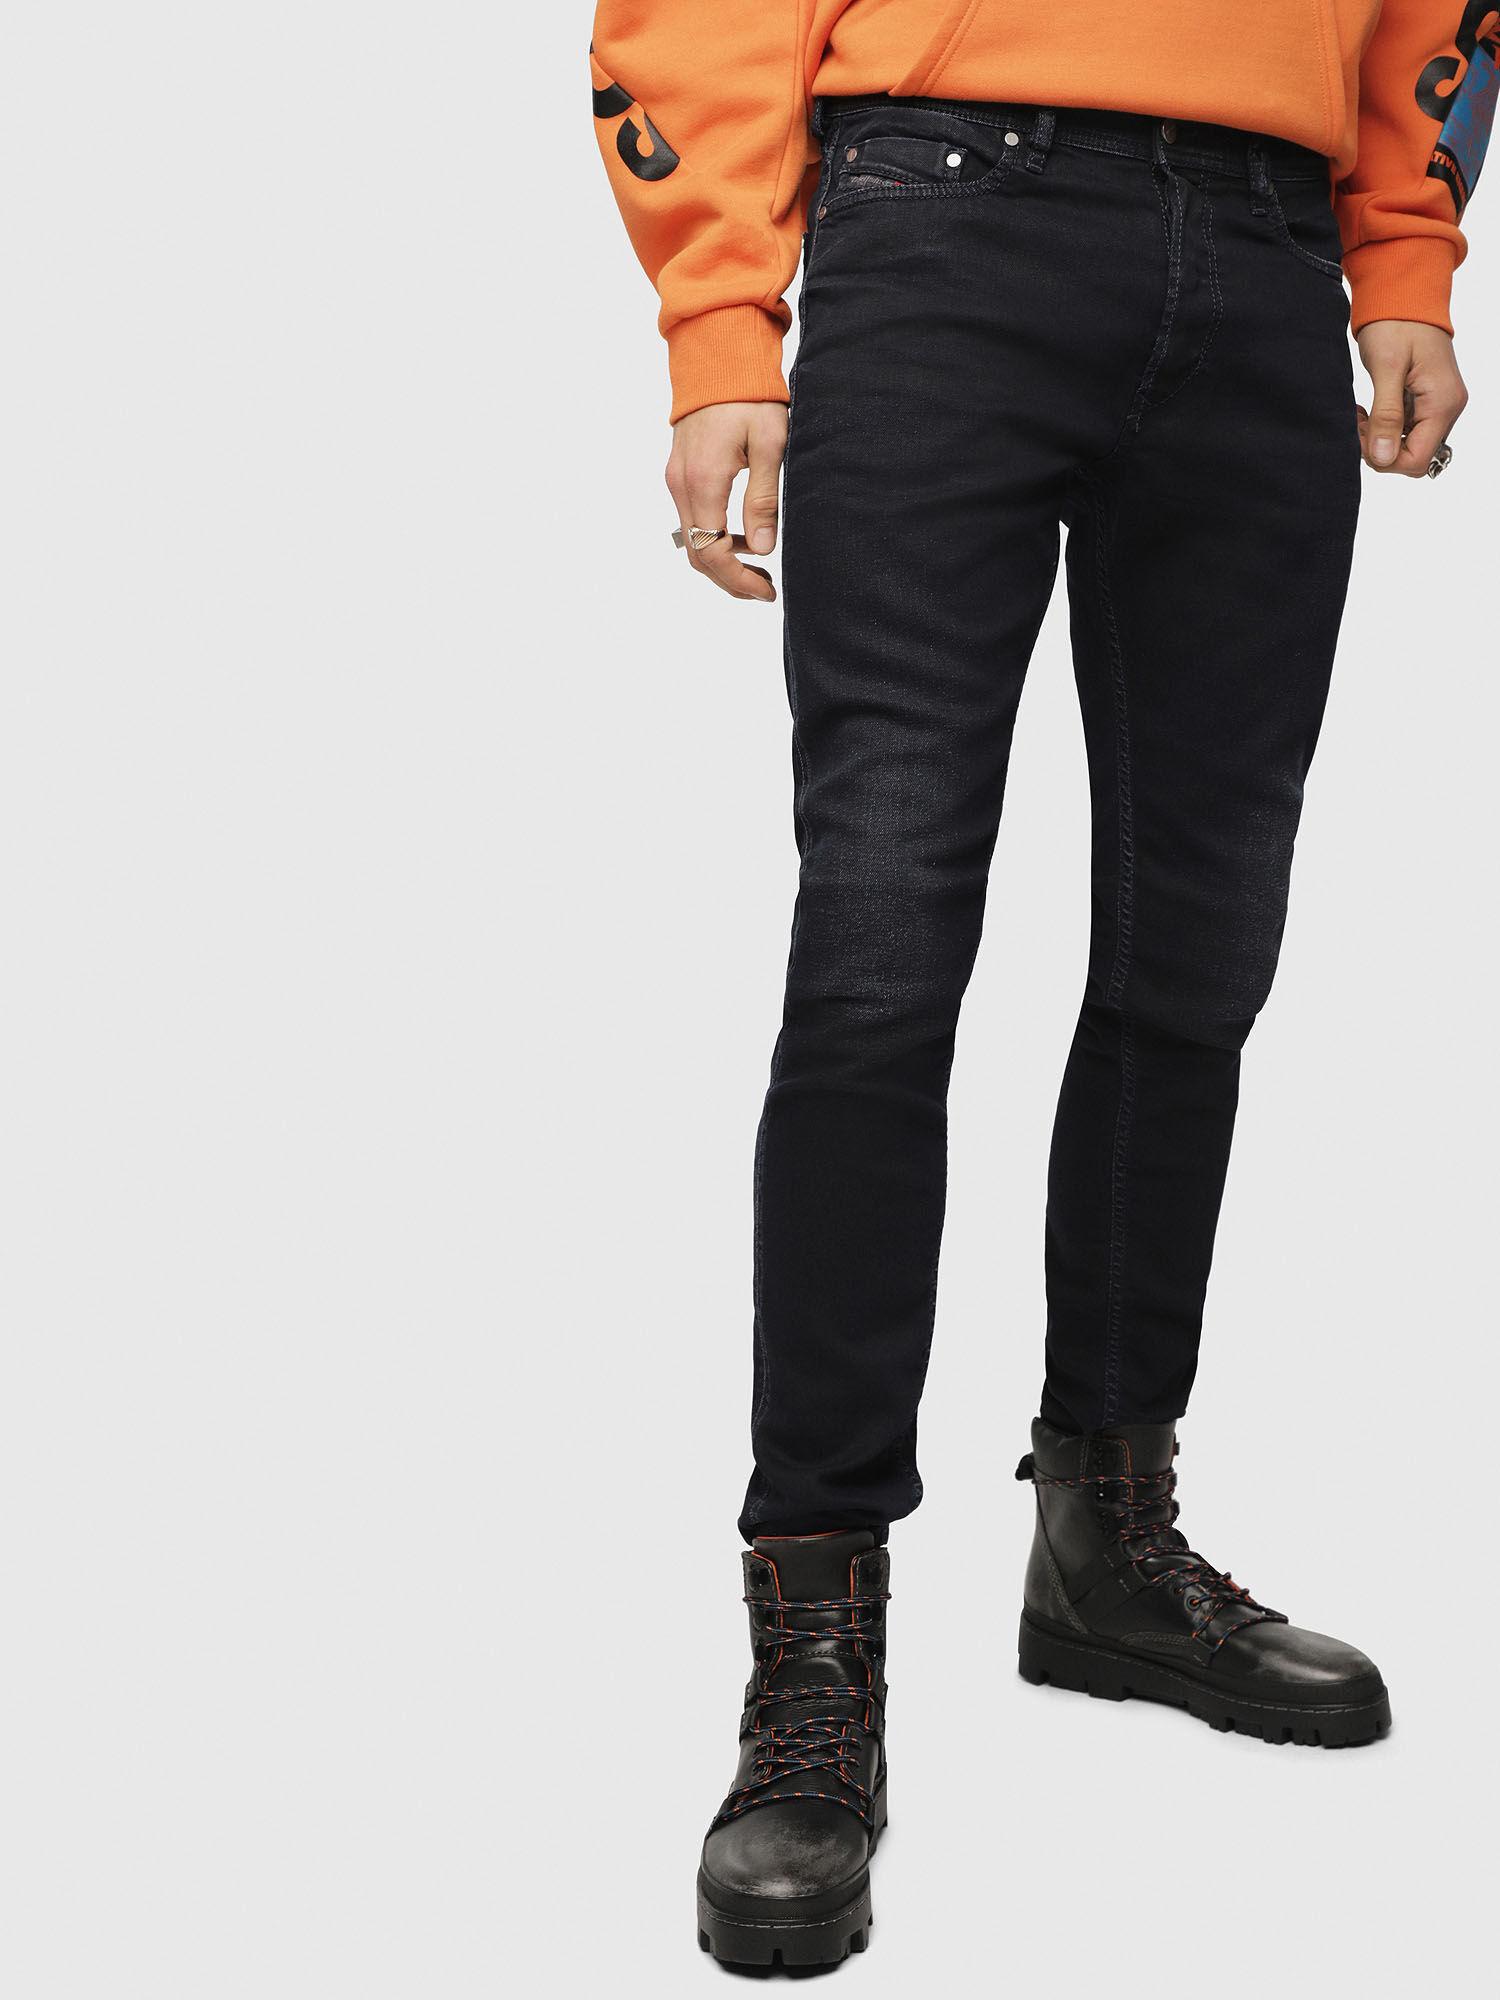 TEPPHAR 0687R. Jeans